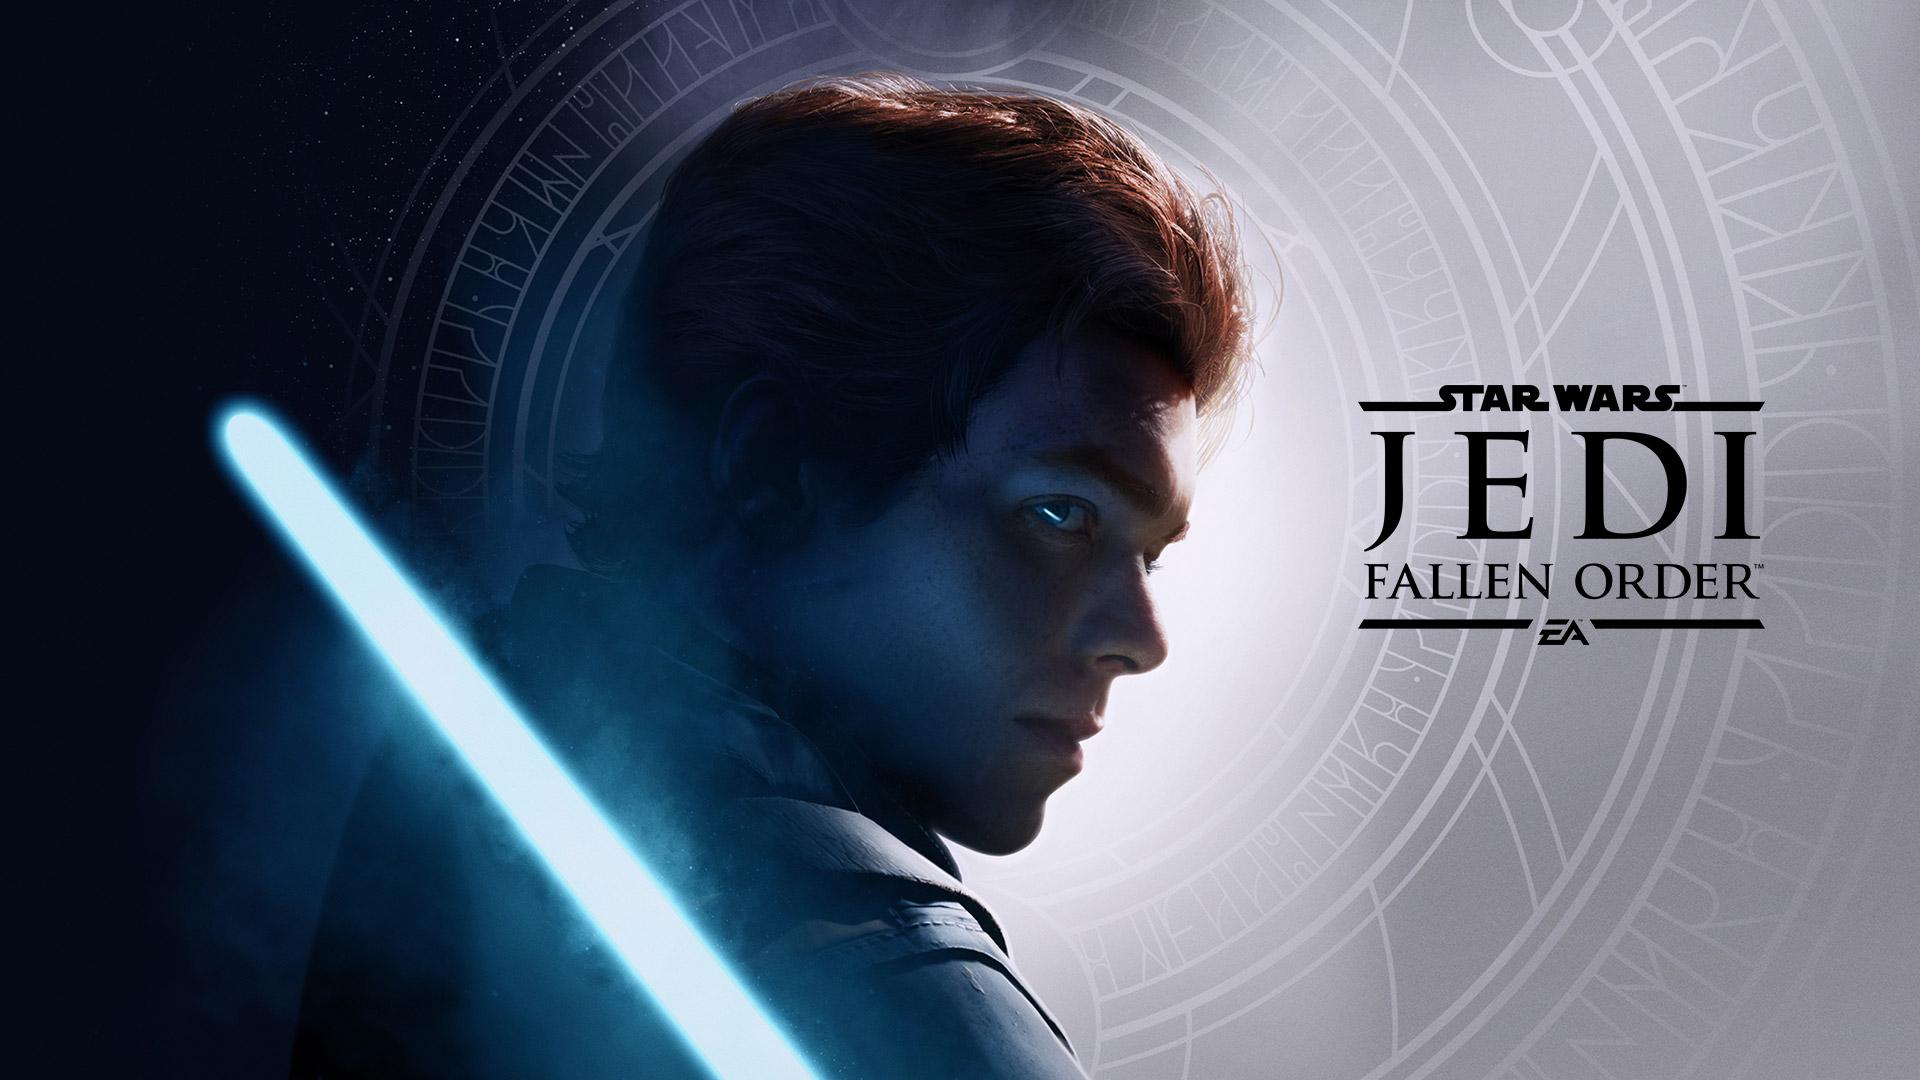 Free Star Wars Jedi: Fallen Order Wallpaper in 1920x1080